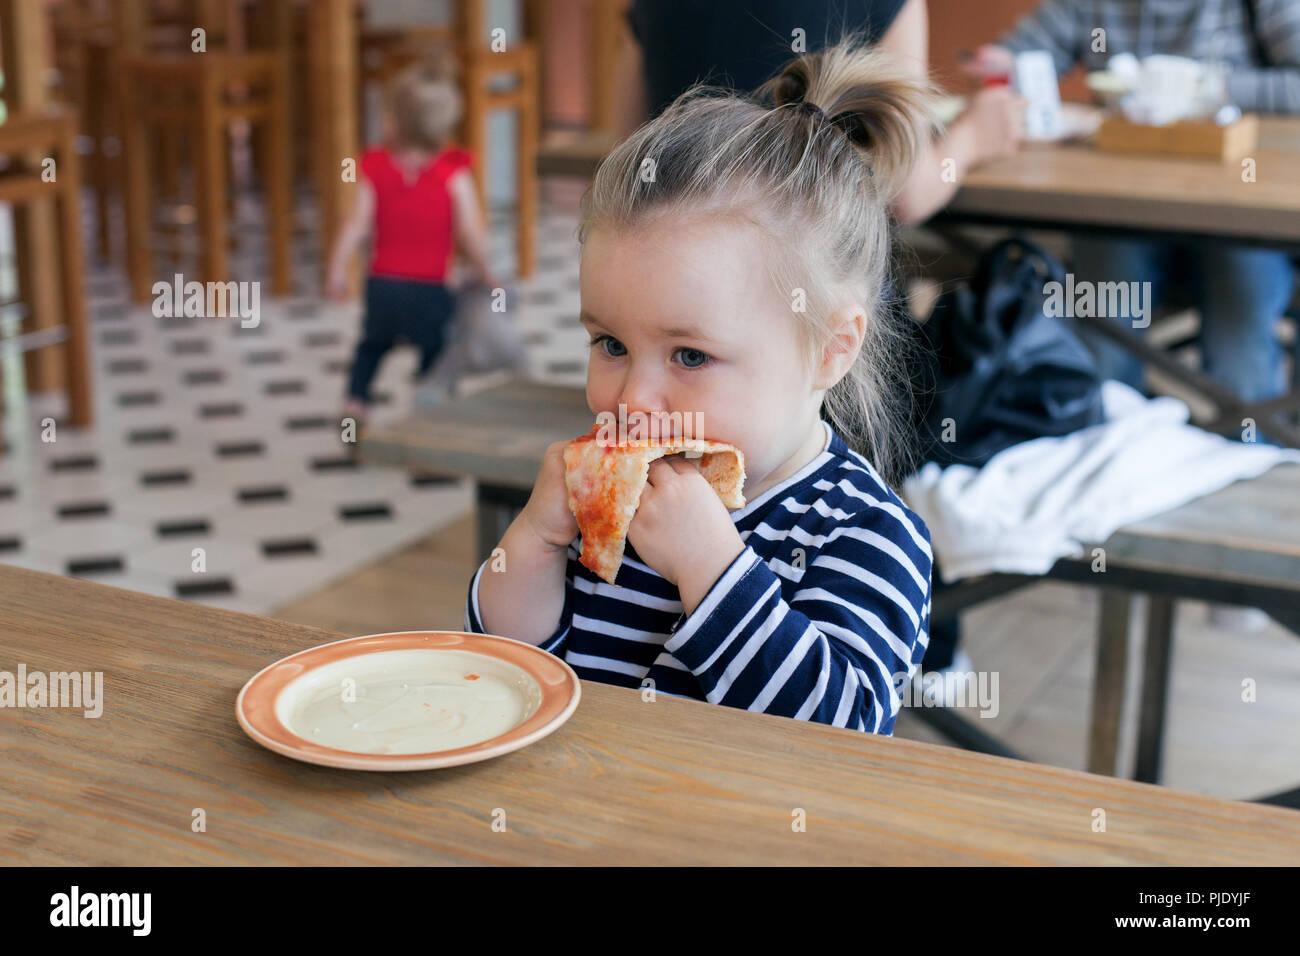 Süße kleine 2 Jahre Mädchen essen Pizza im Restaurant Stockbild